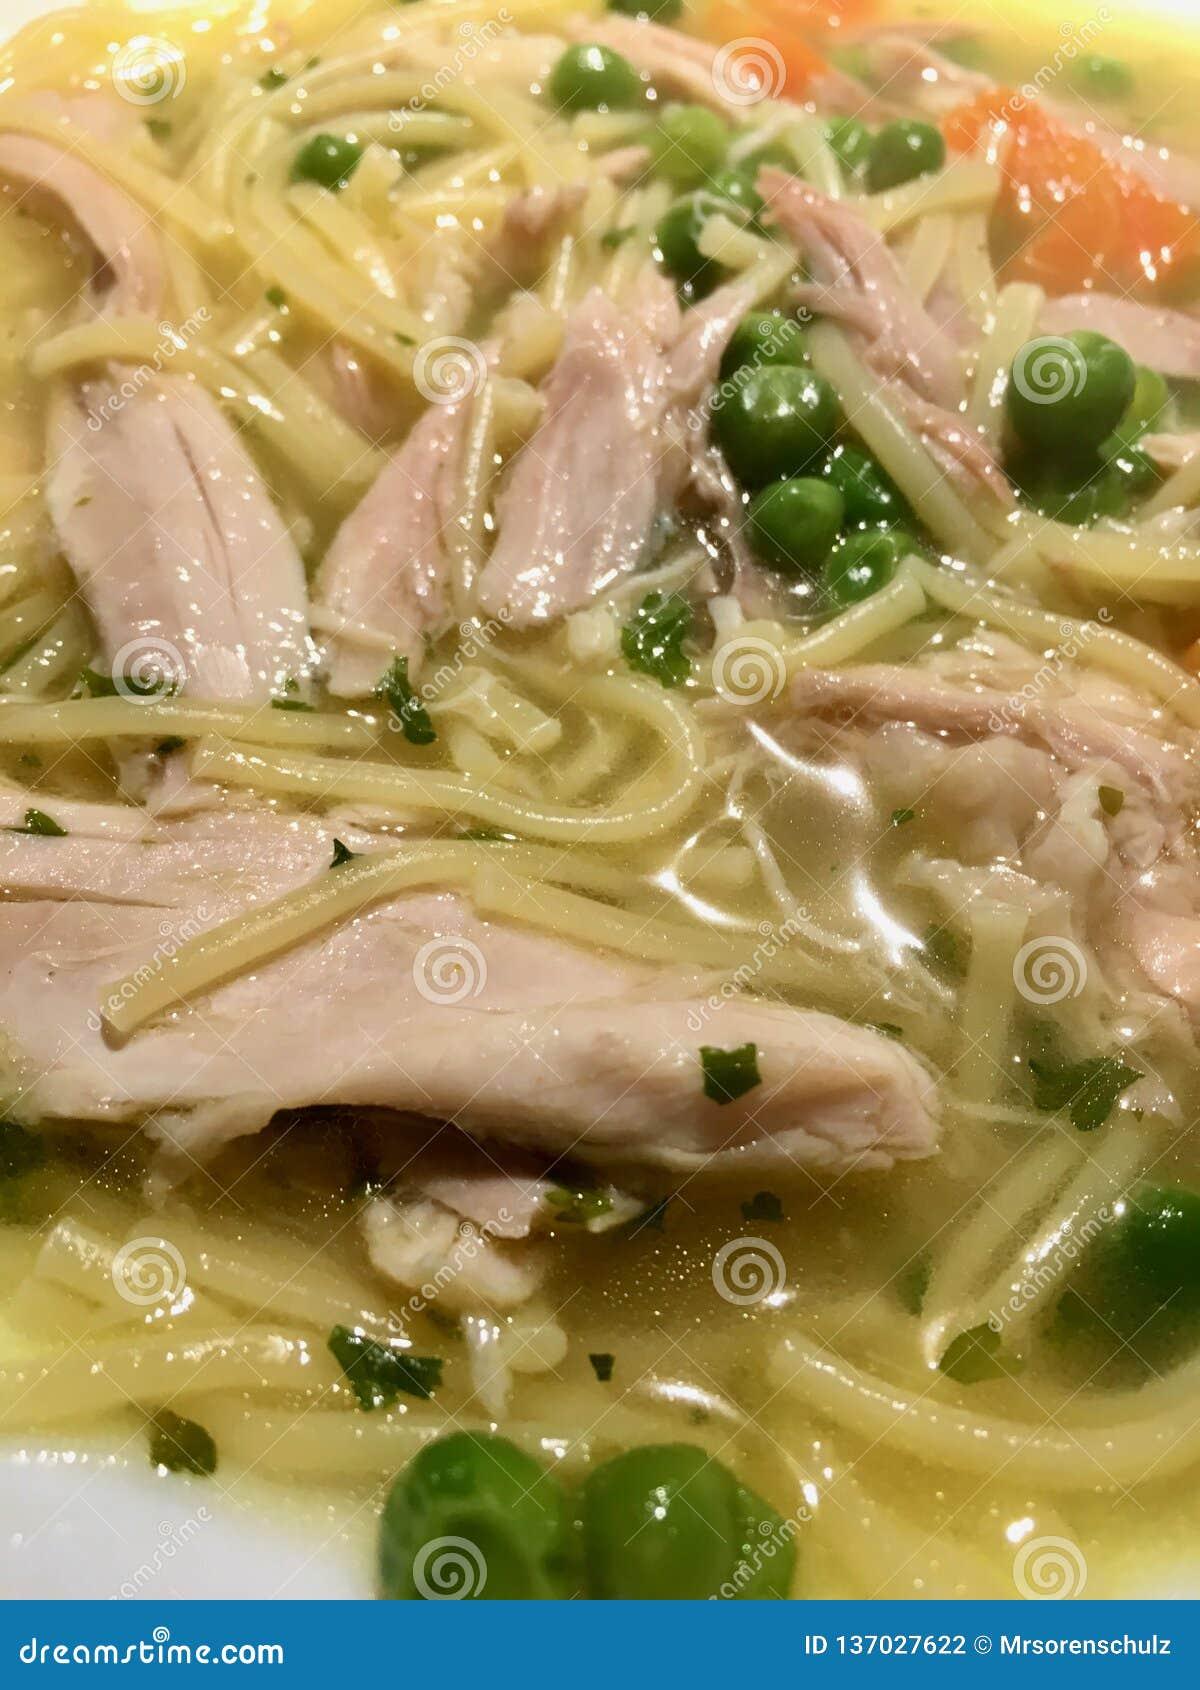 Domowej roboty kurczak polewka z kluskami i warzywami - szczegół/w górę